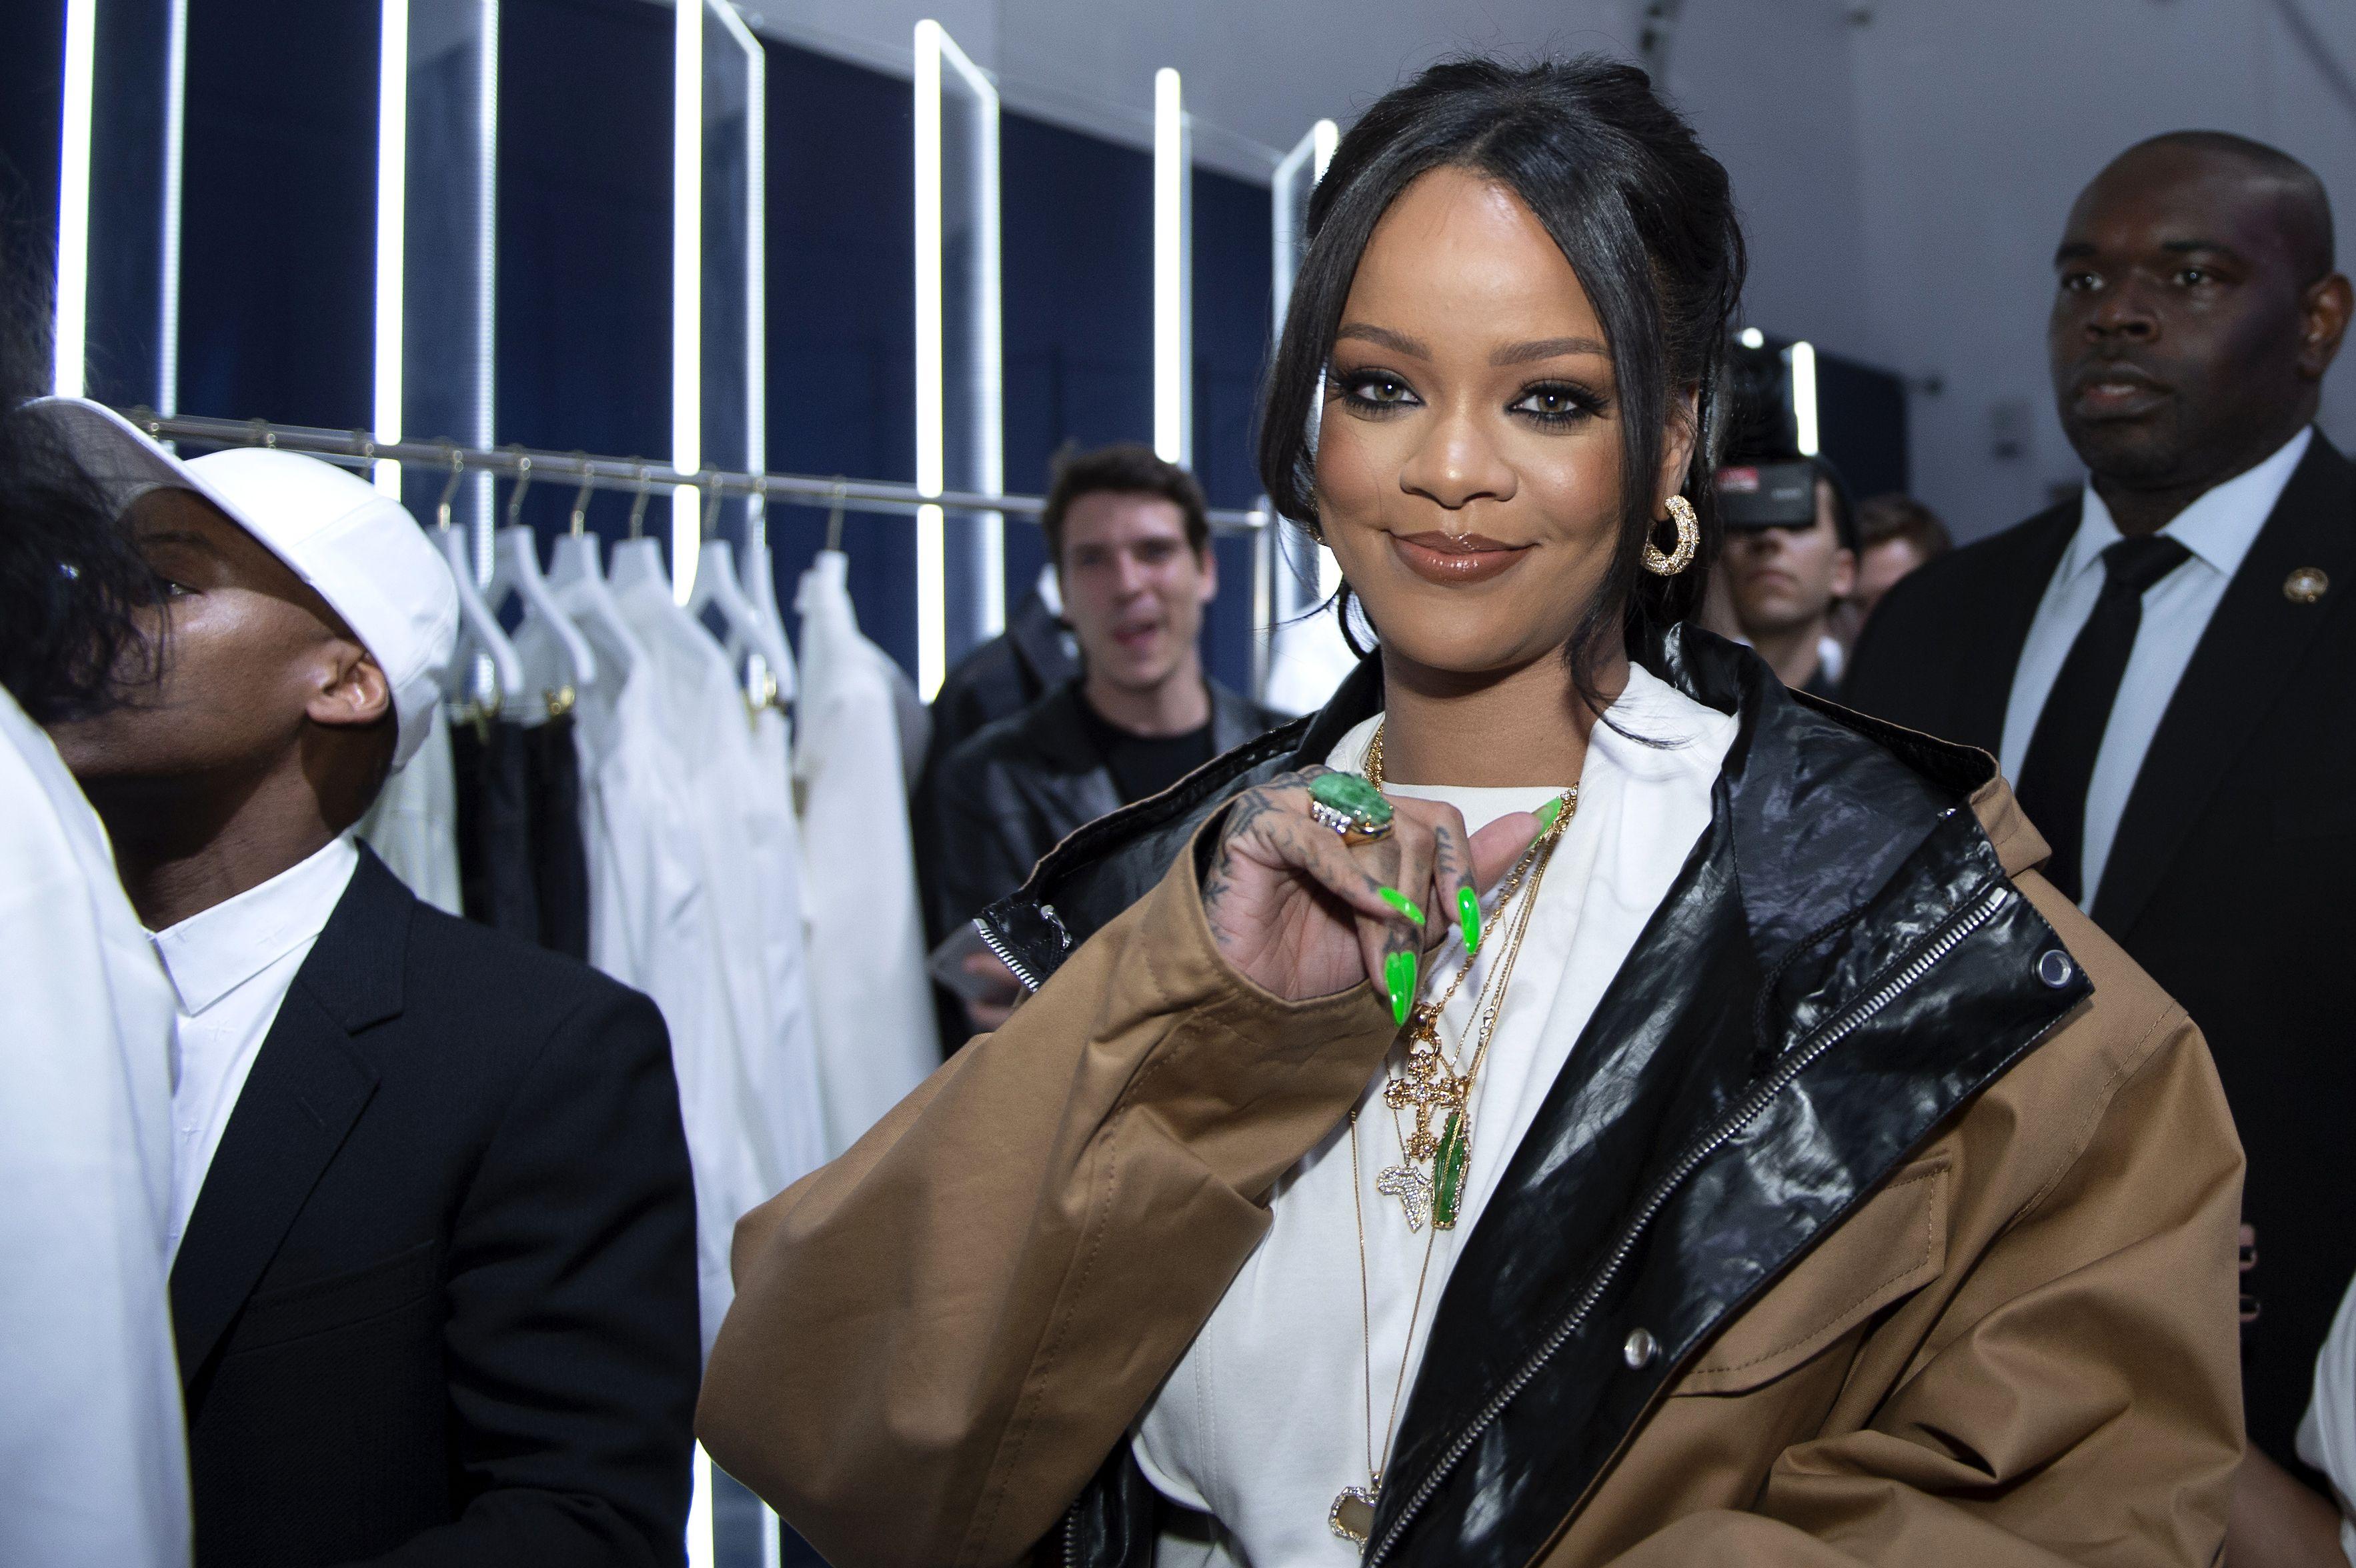 Rihanna is Slated for a New Amazon Documentary